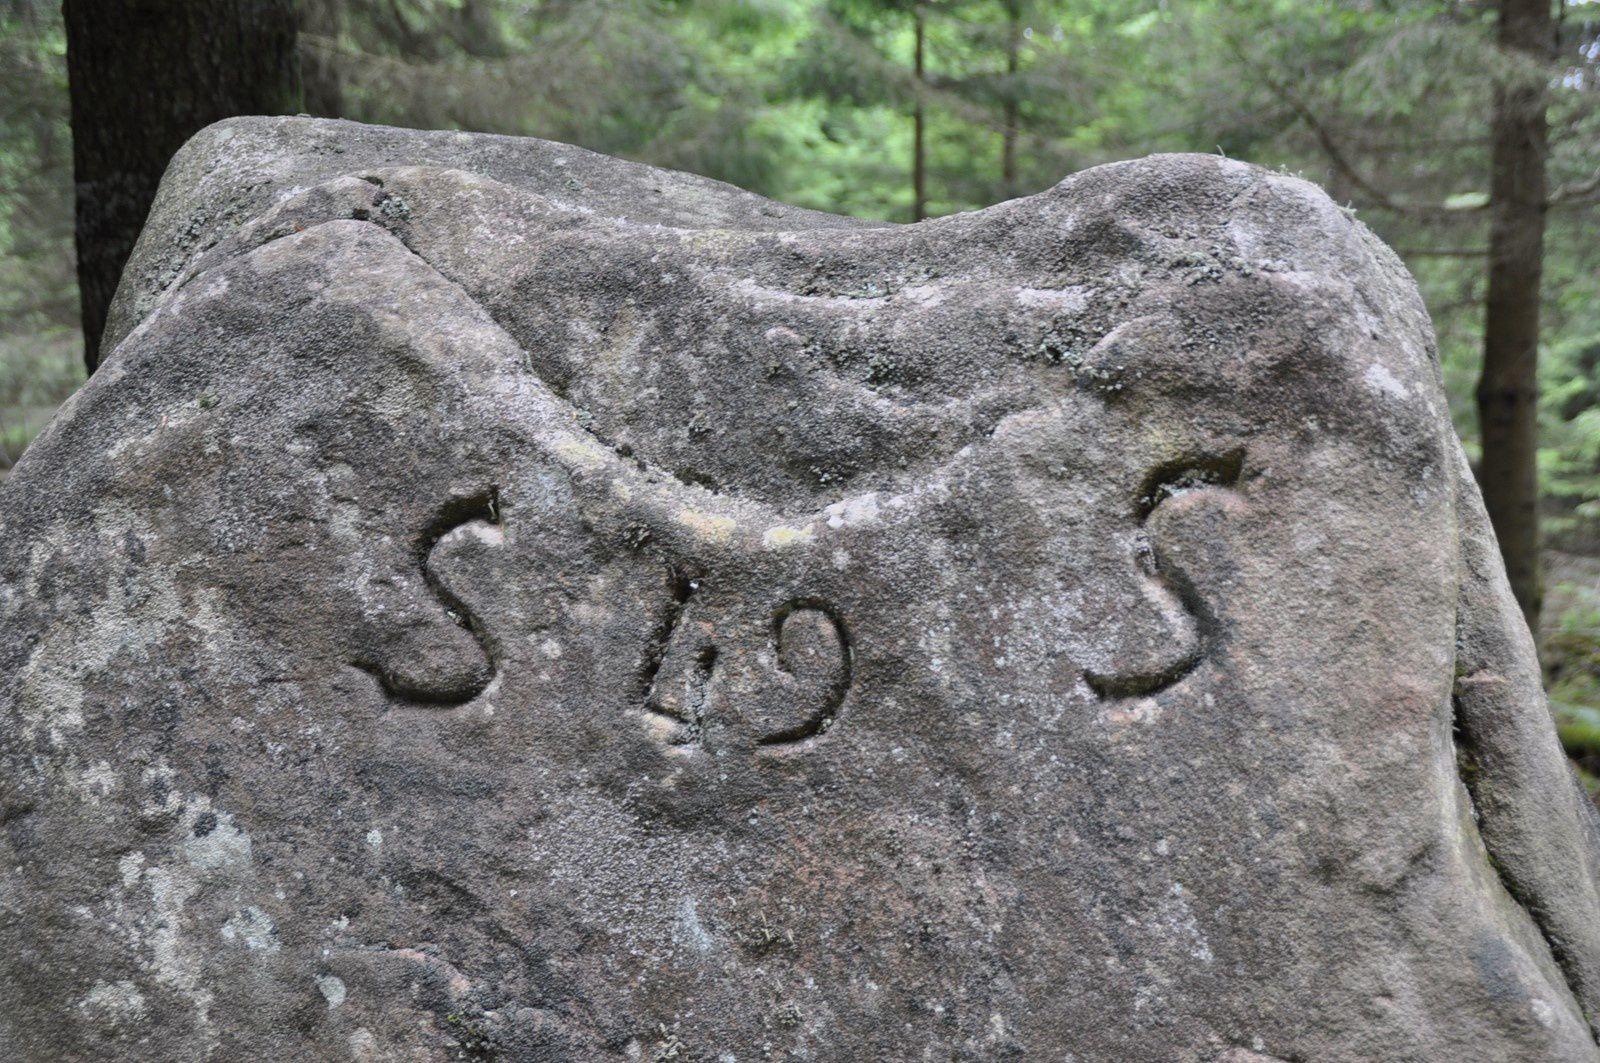 Pierre levée avec des inscriptions, situé dans une limite de département